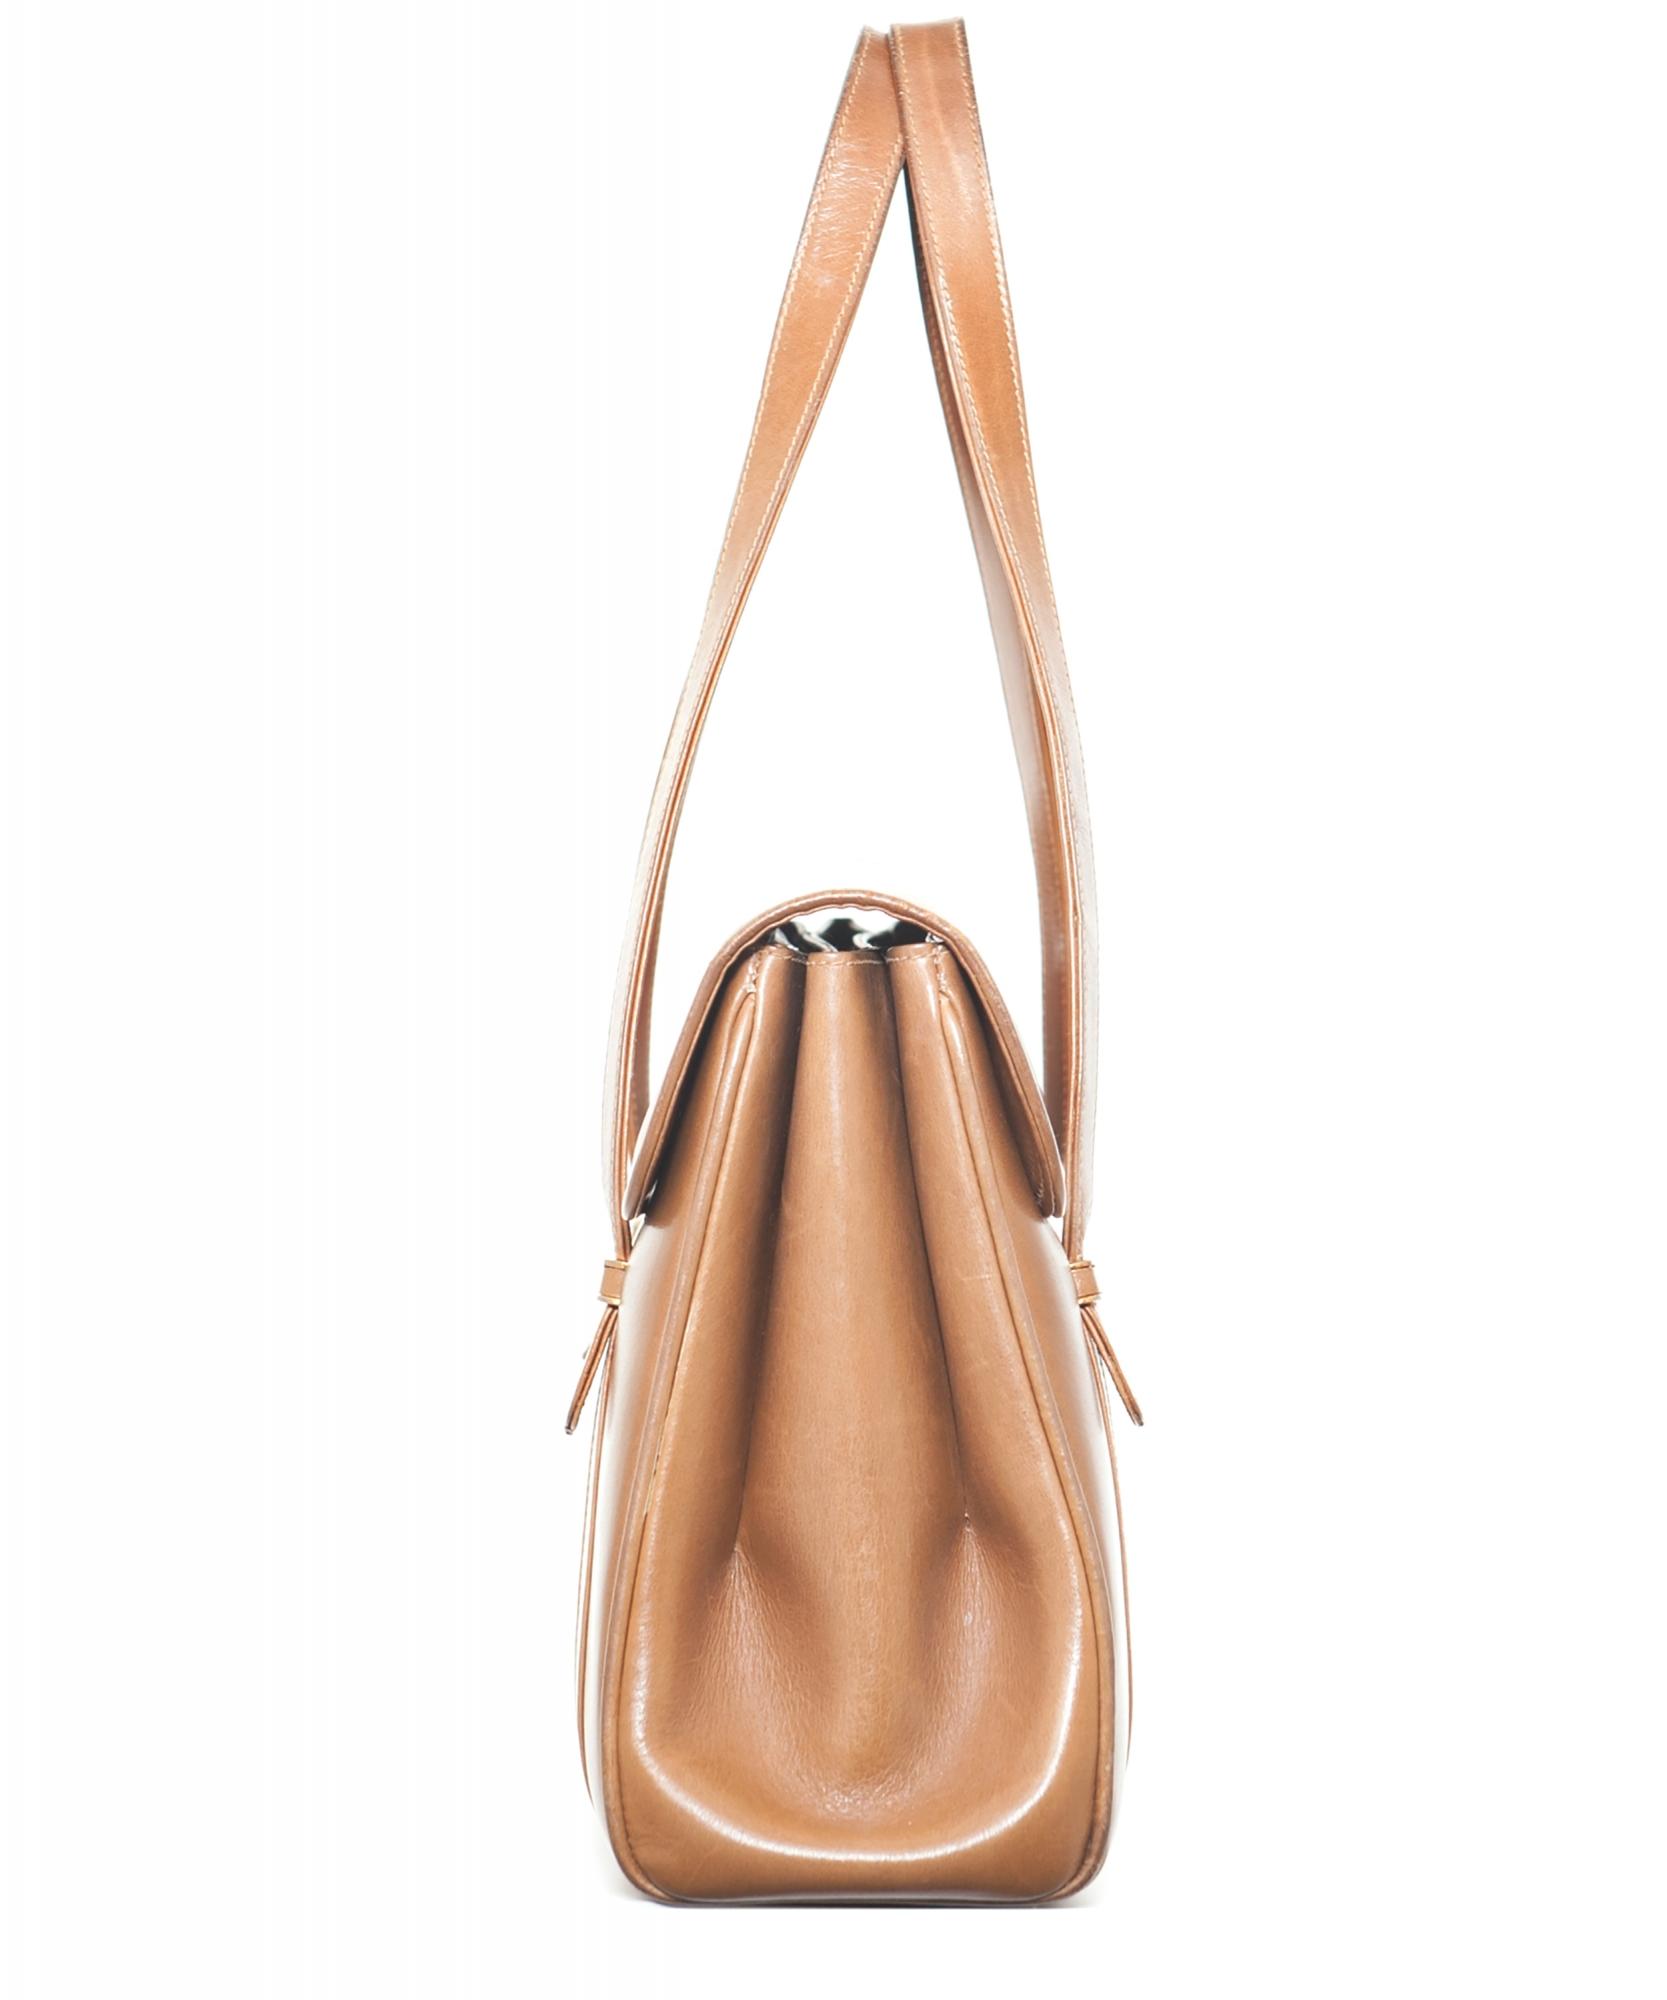 Vintage Gucci Brown Leather Shoulder Bag